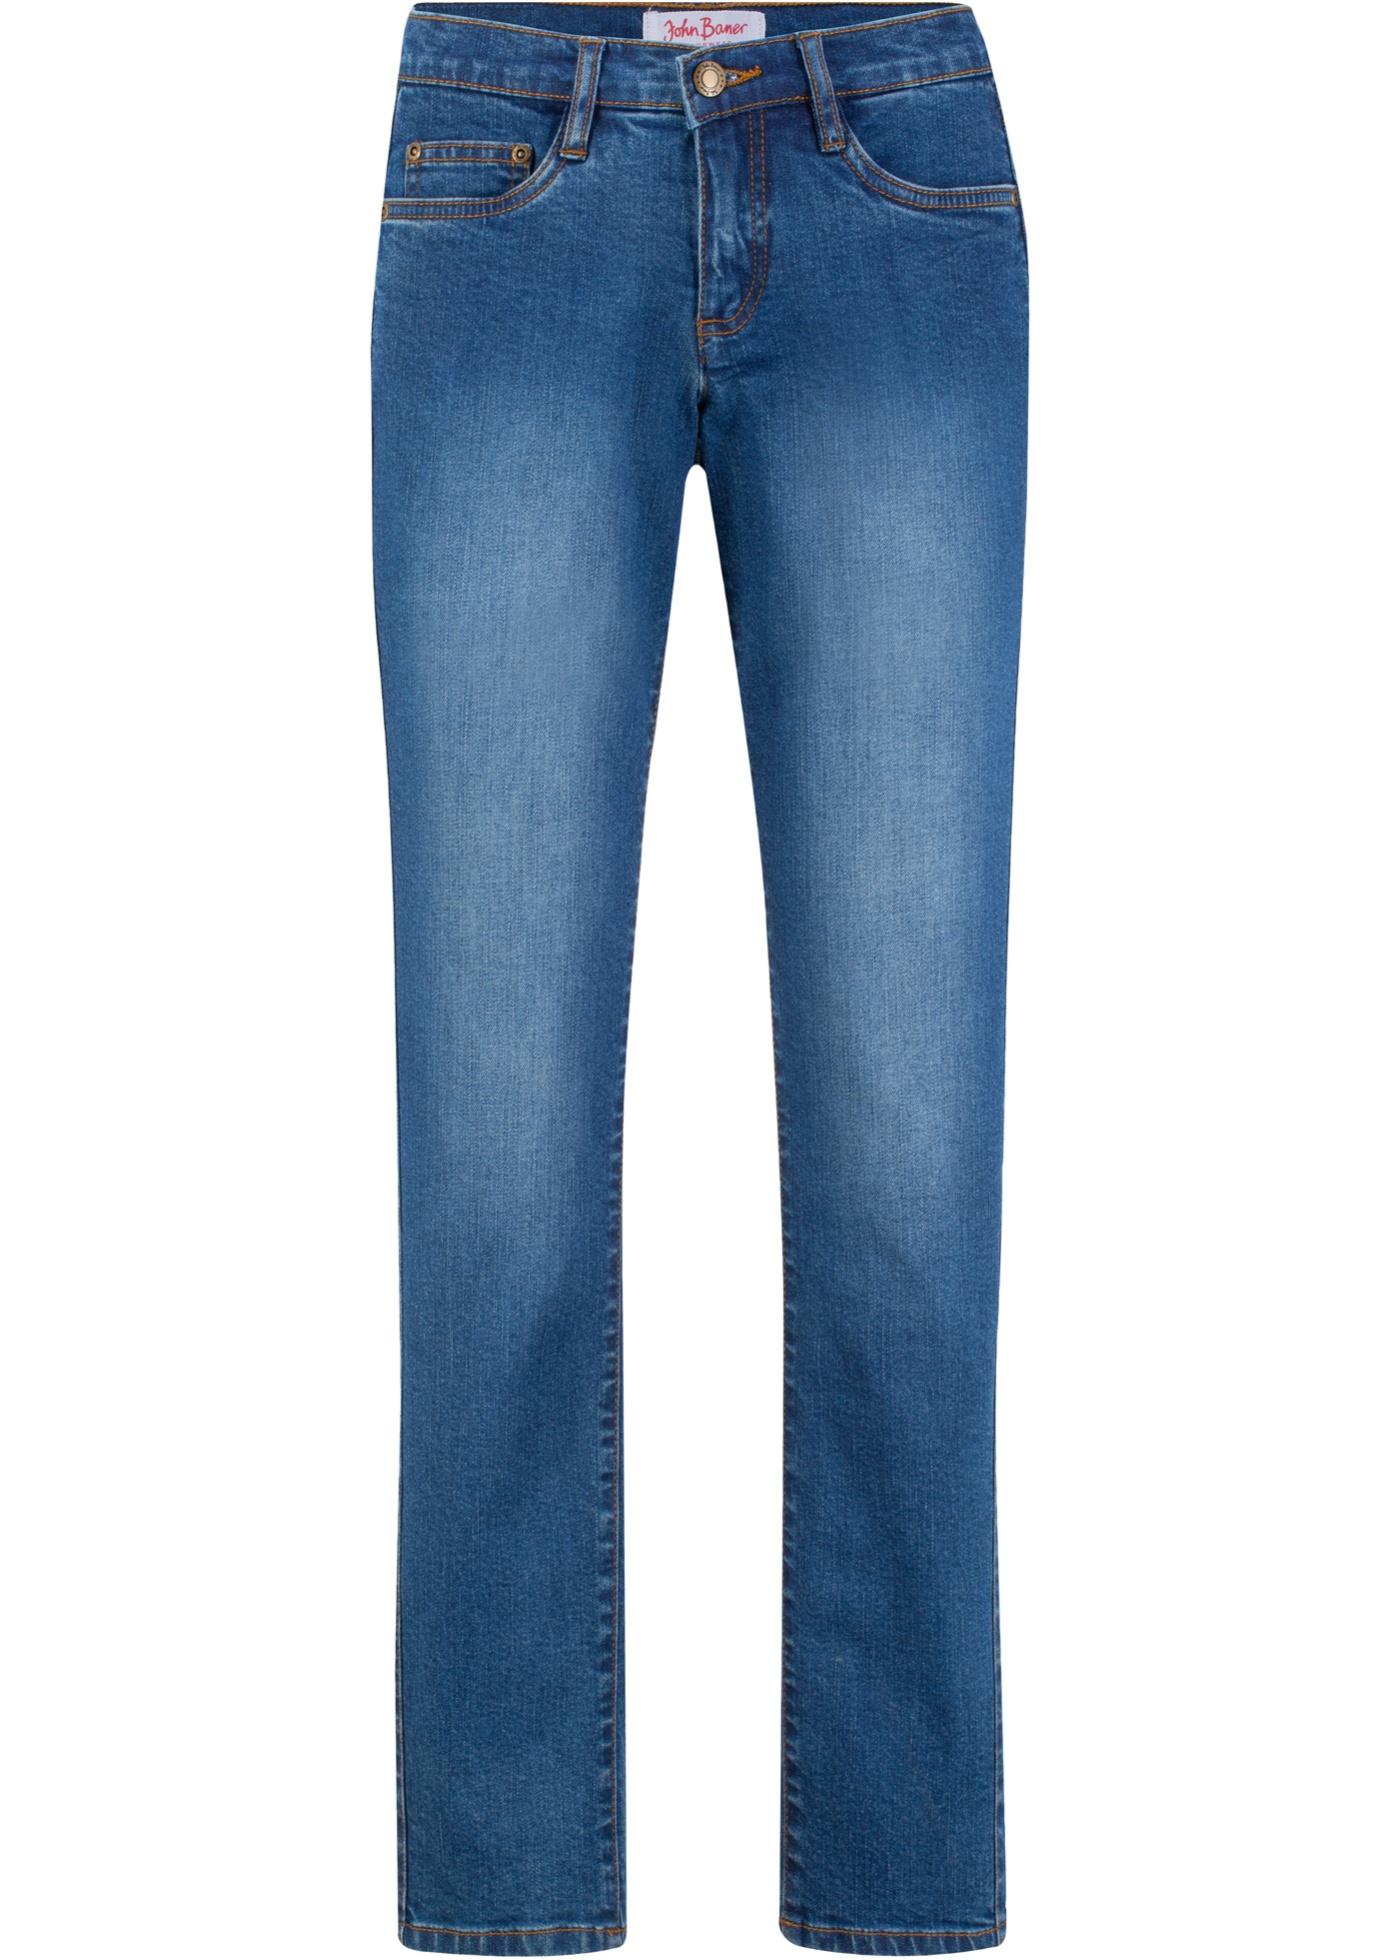 Jeanswear Authentique sellerAmincissantClassic Bleu Baner Best Femme Pour John Extensible BonprixJean 5RjLA4